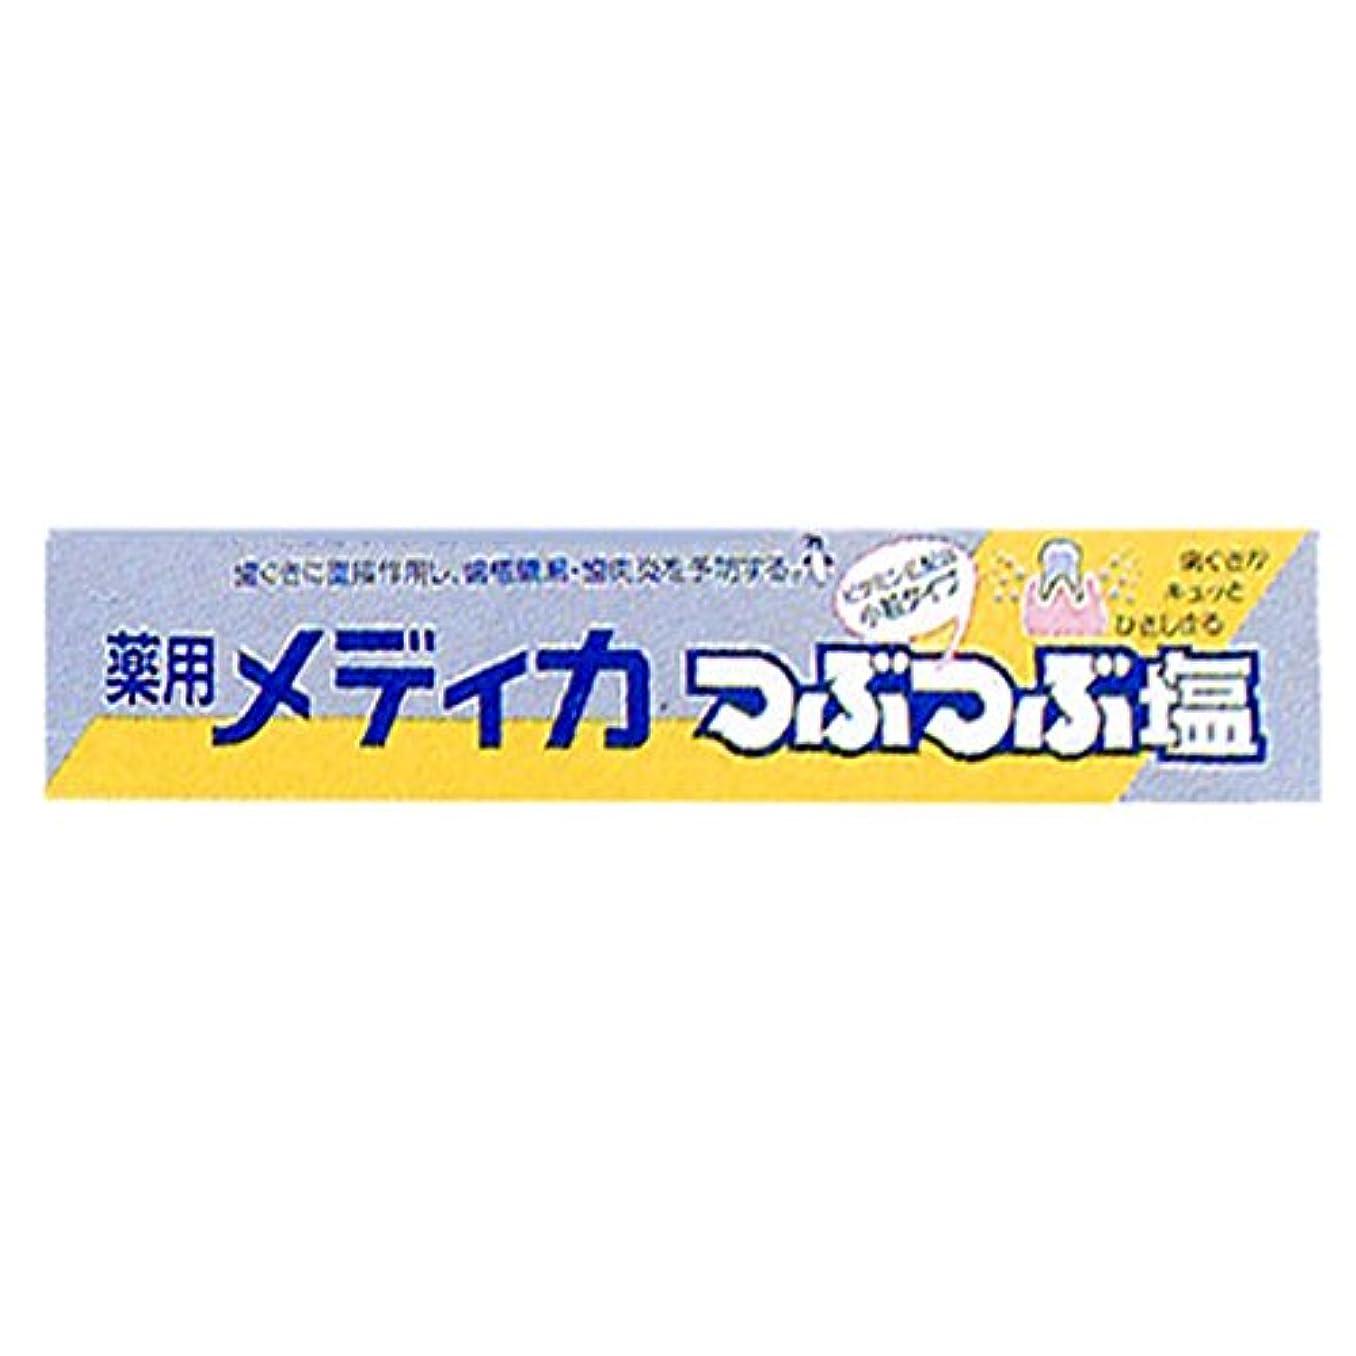 無視できるメイエラ胆嚢薬用メディカつぶつぶ塩 170g